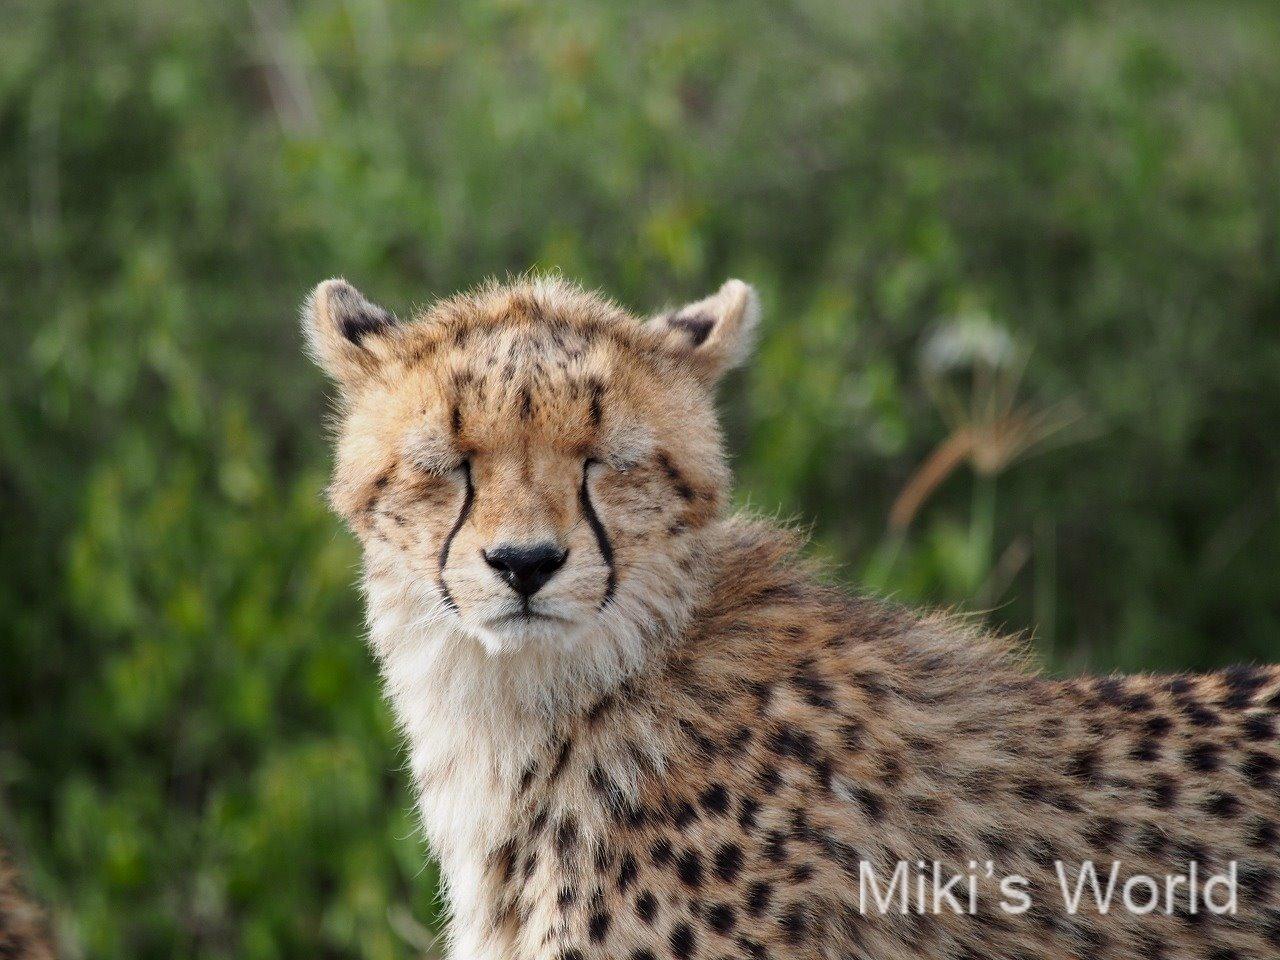 ネコ科の動物その2 チーター Cheetah(セレンゲティ国立公園)